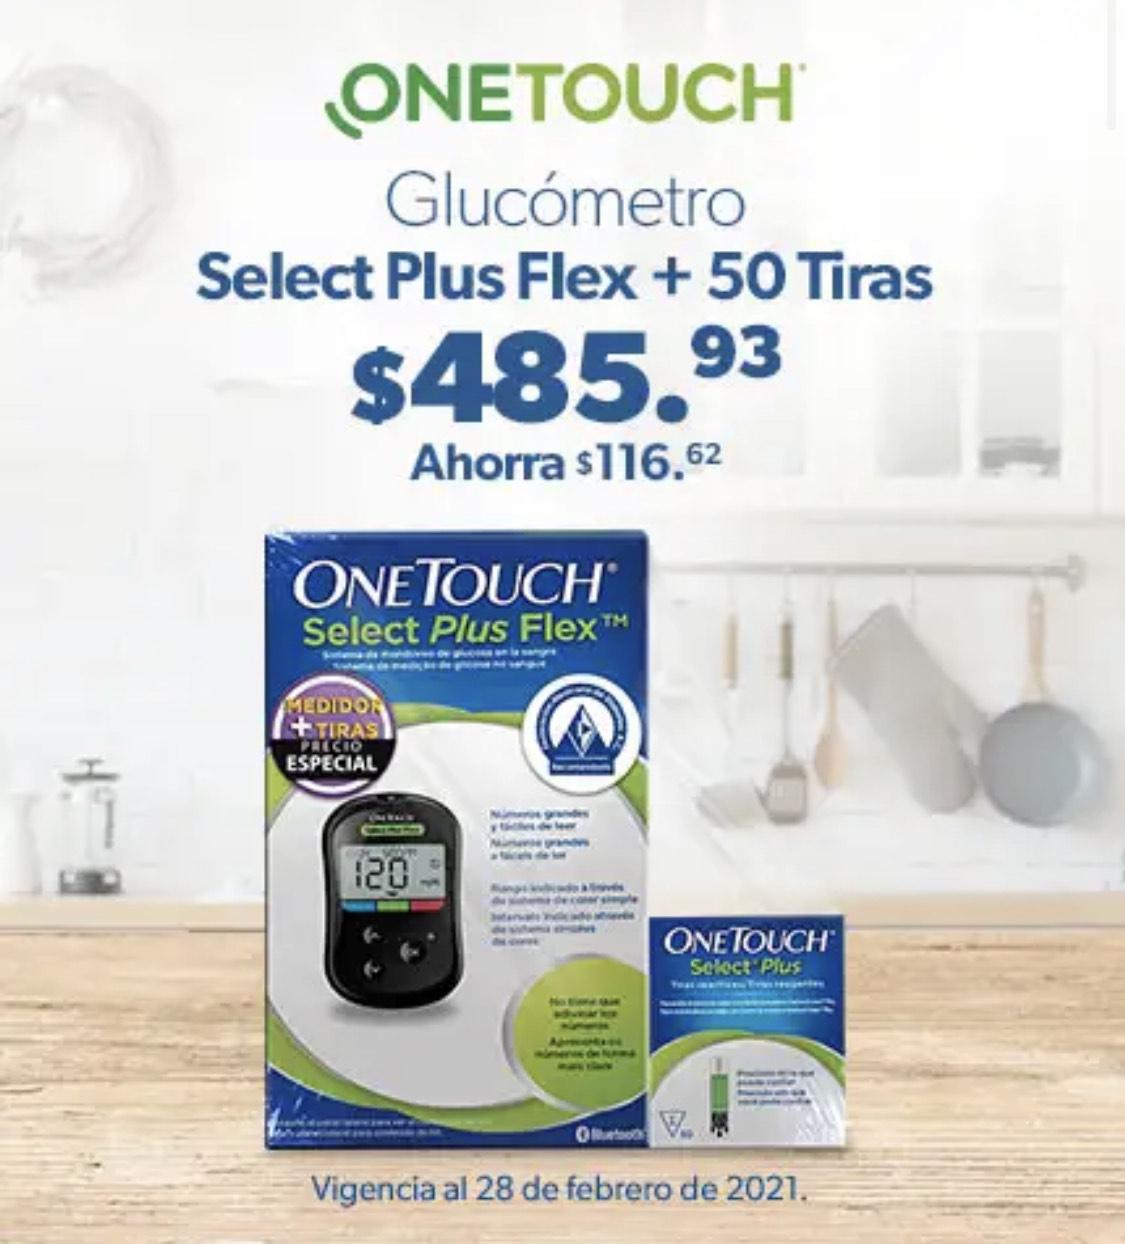 Sam's Club Glucometro One Touch + 50 tiritas